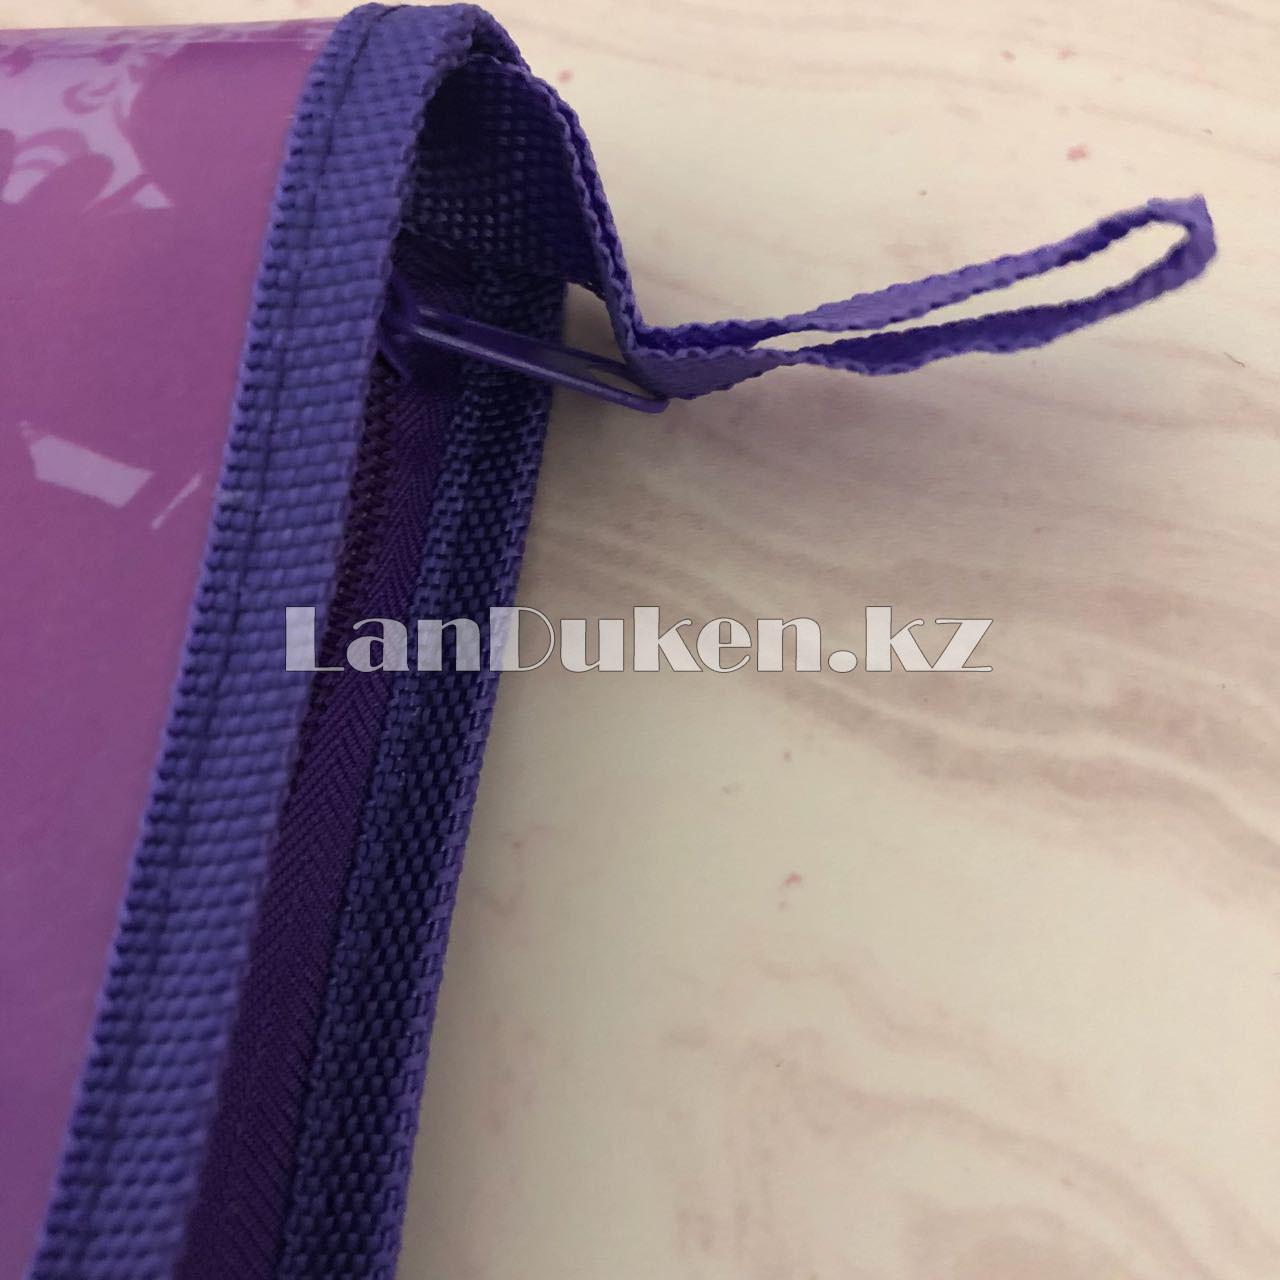 """Детская папка на молнии А4 пластиковая с тканевой окантовкой """"Принцесса на стуле"""" (фиолетовый) - фото 3"""